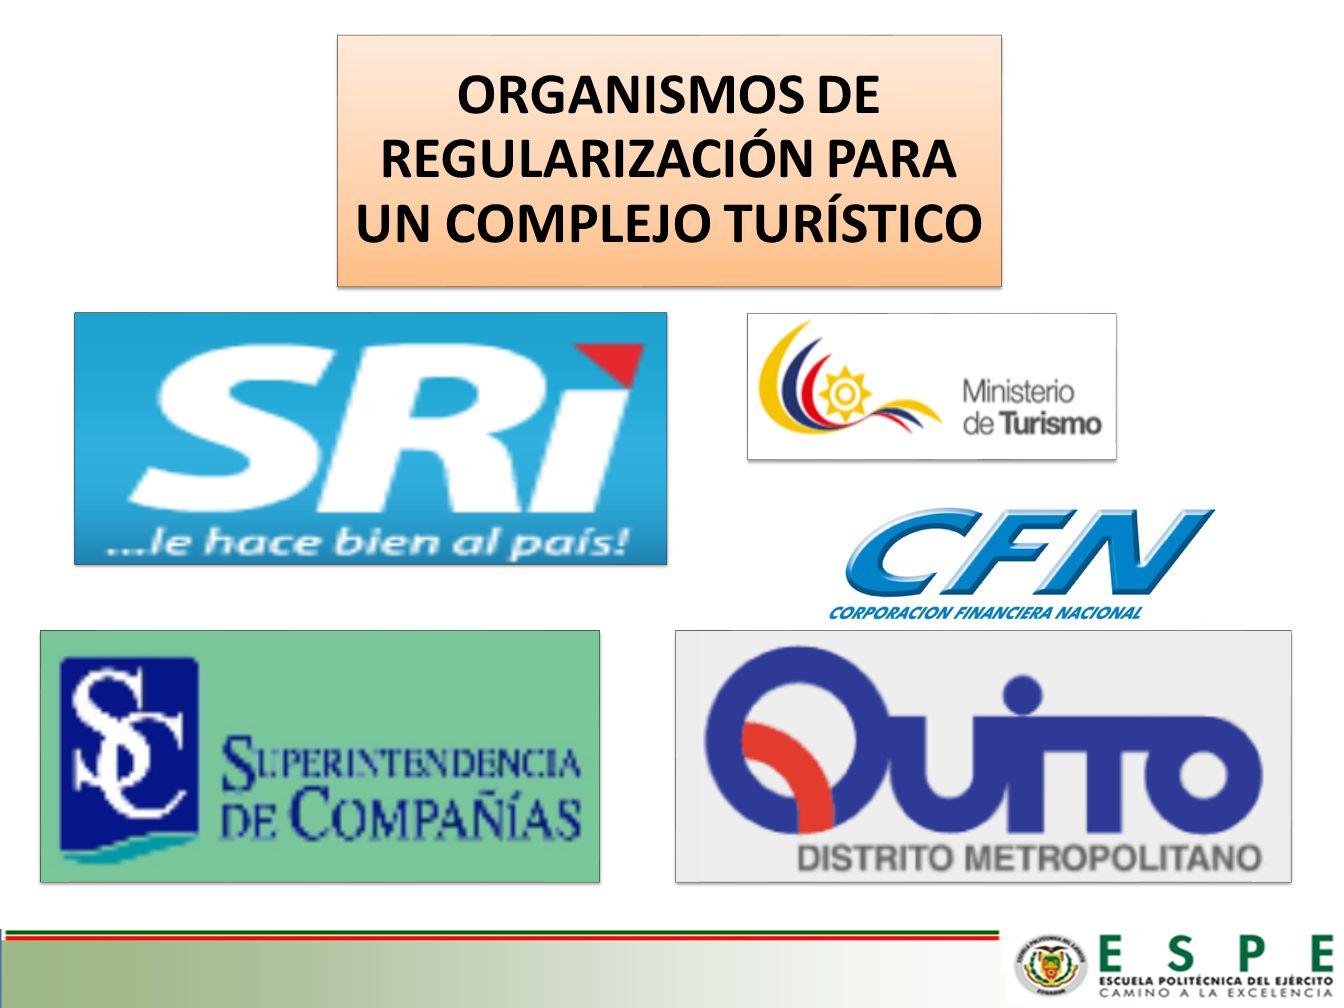 ORGANISMOS DE REGULARIZACIÓN PARA UN COMPLEJO TURÍSTICO